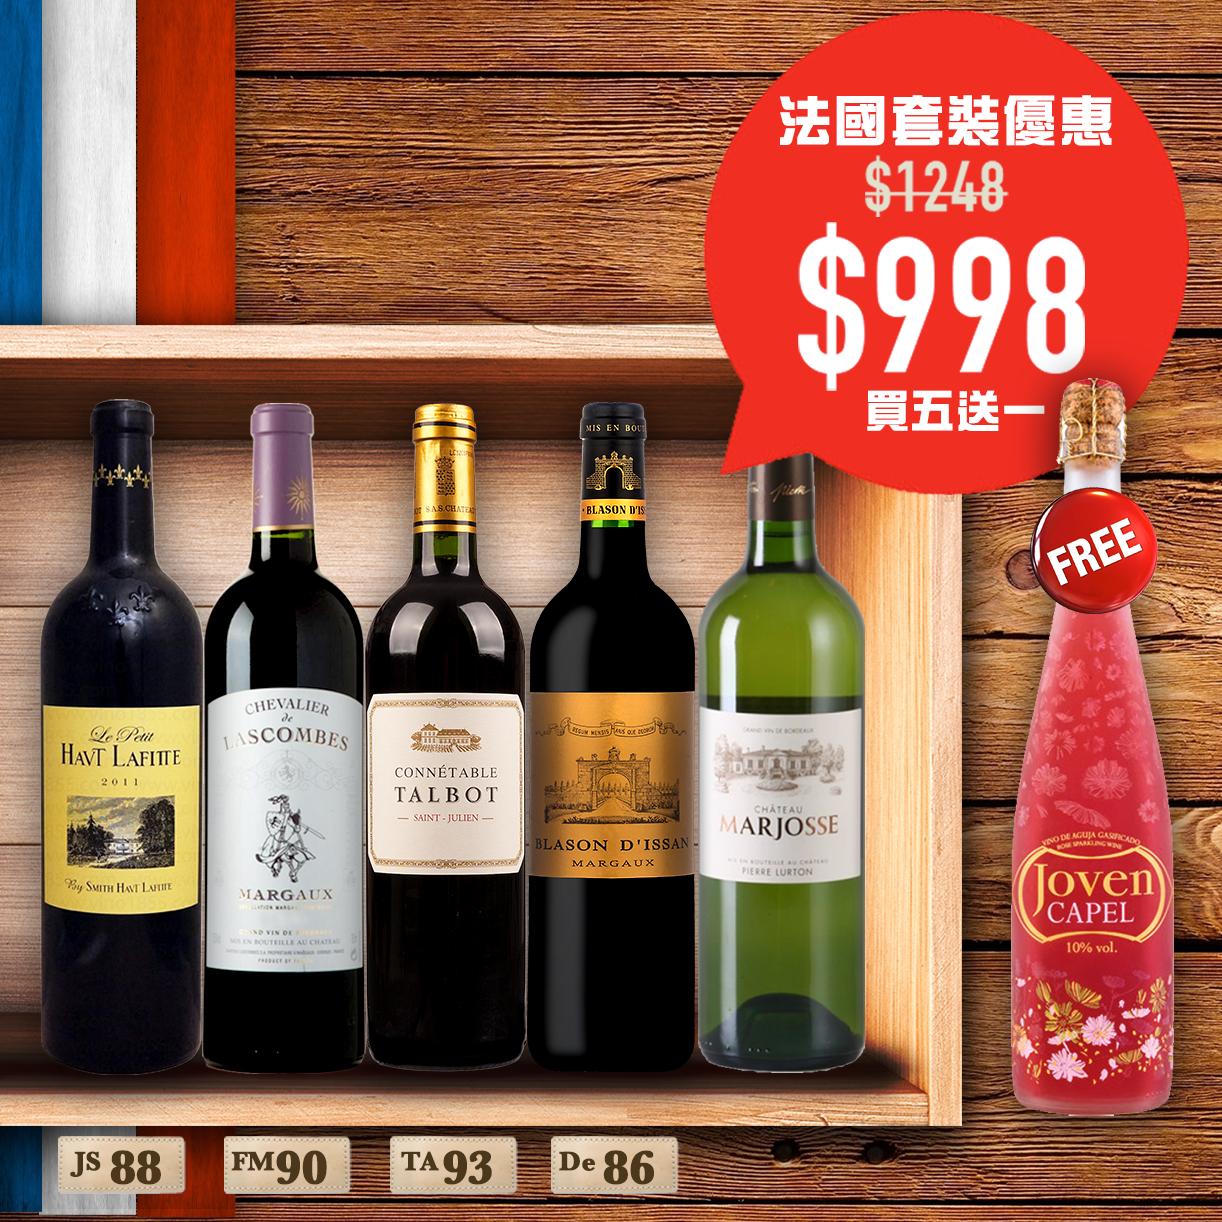 Bordeaux Wine Set $1080 (詳情按此)